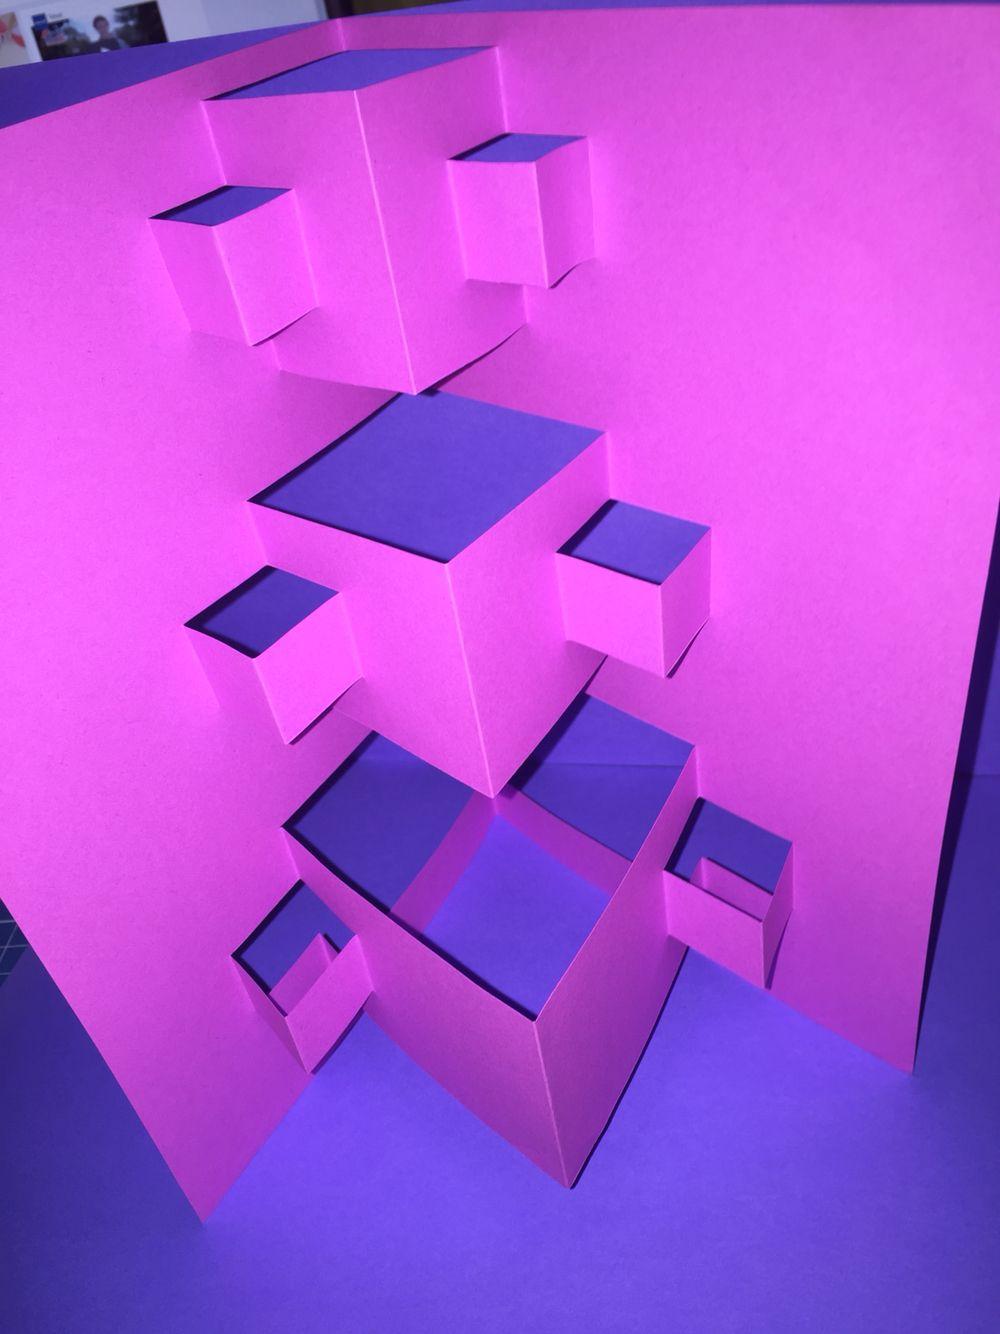 Estructuras Plegables Con Dobleces Rectos Paralelos Al Eje De  # Muebles Volumen